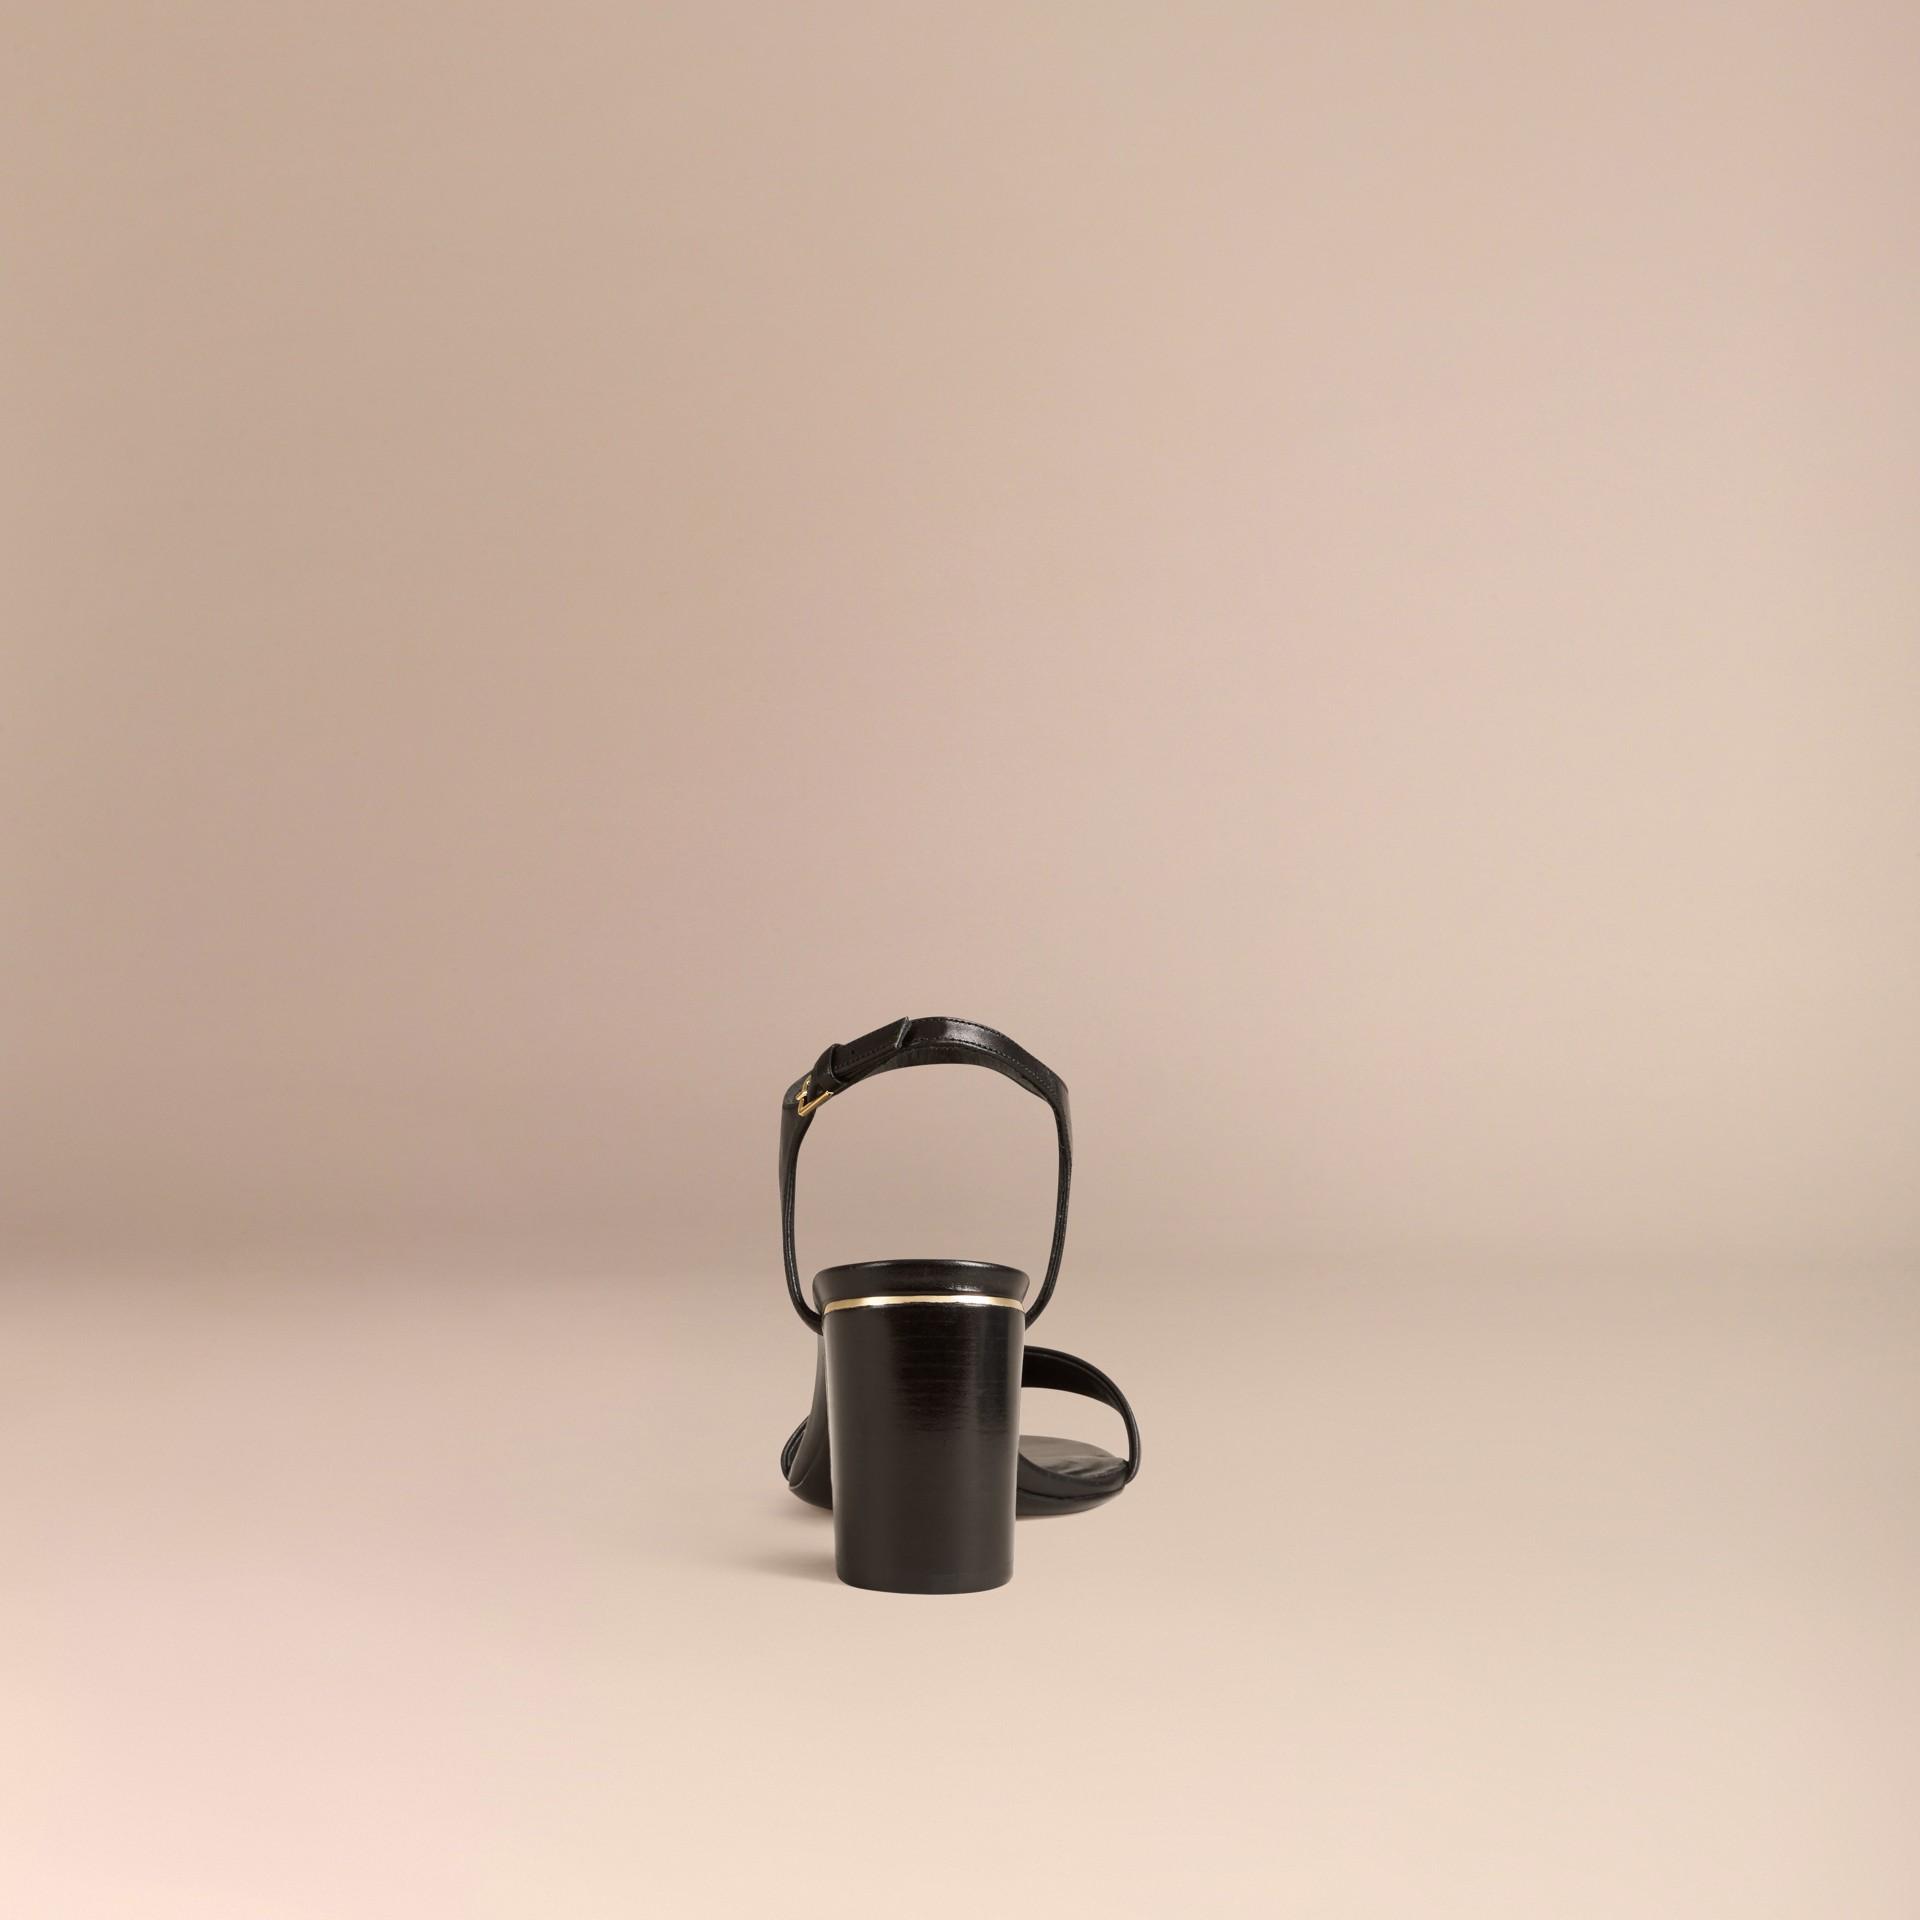 Черный Кожаные босоножки с отделкой в клетку - изображение 4